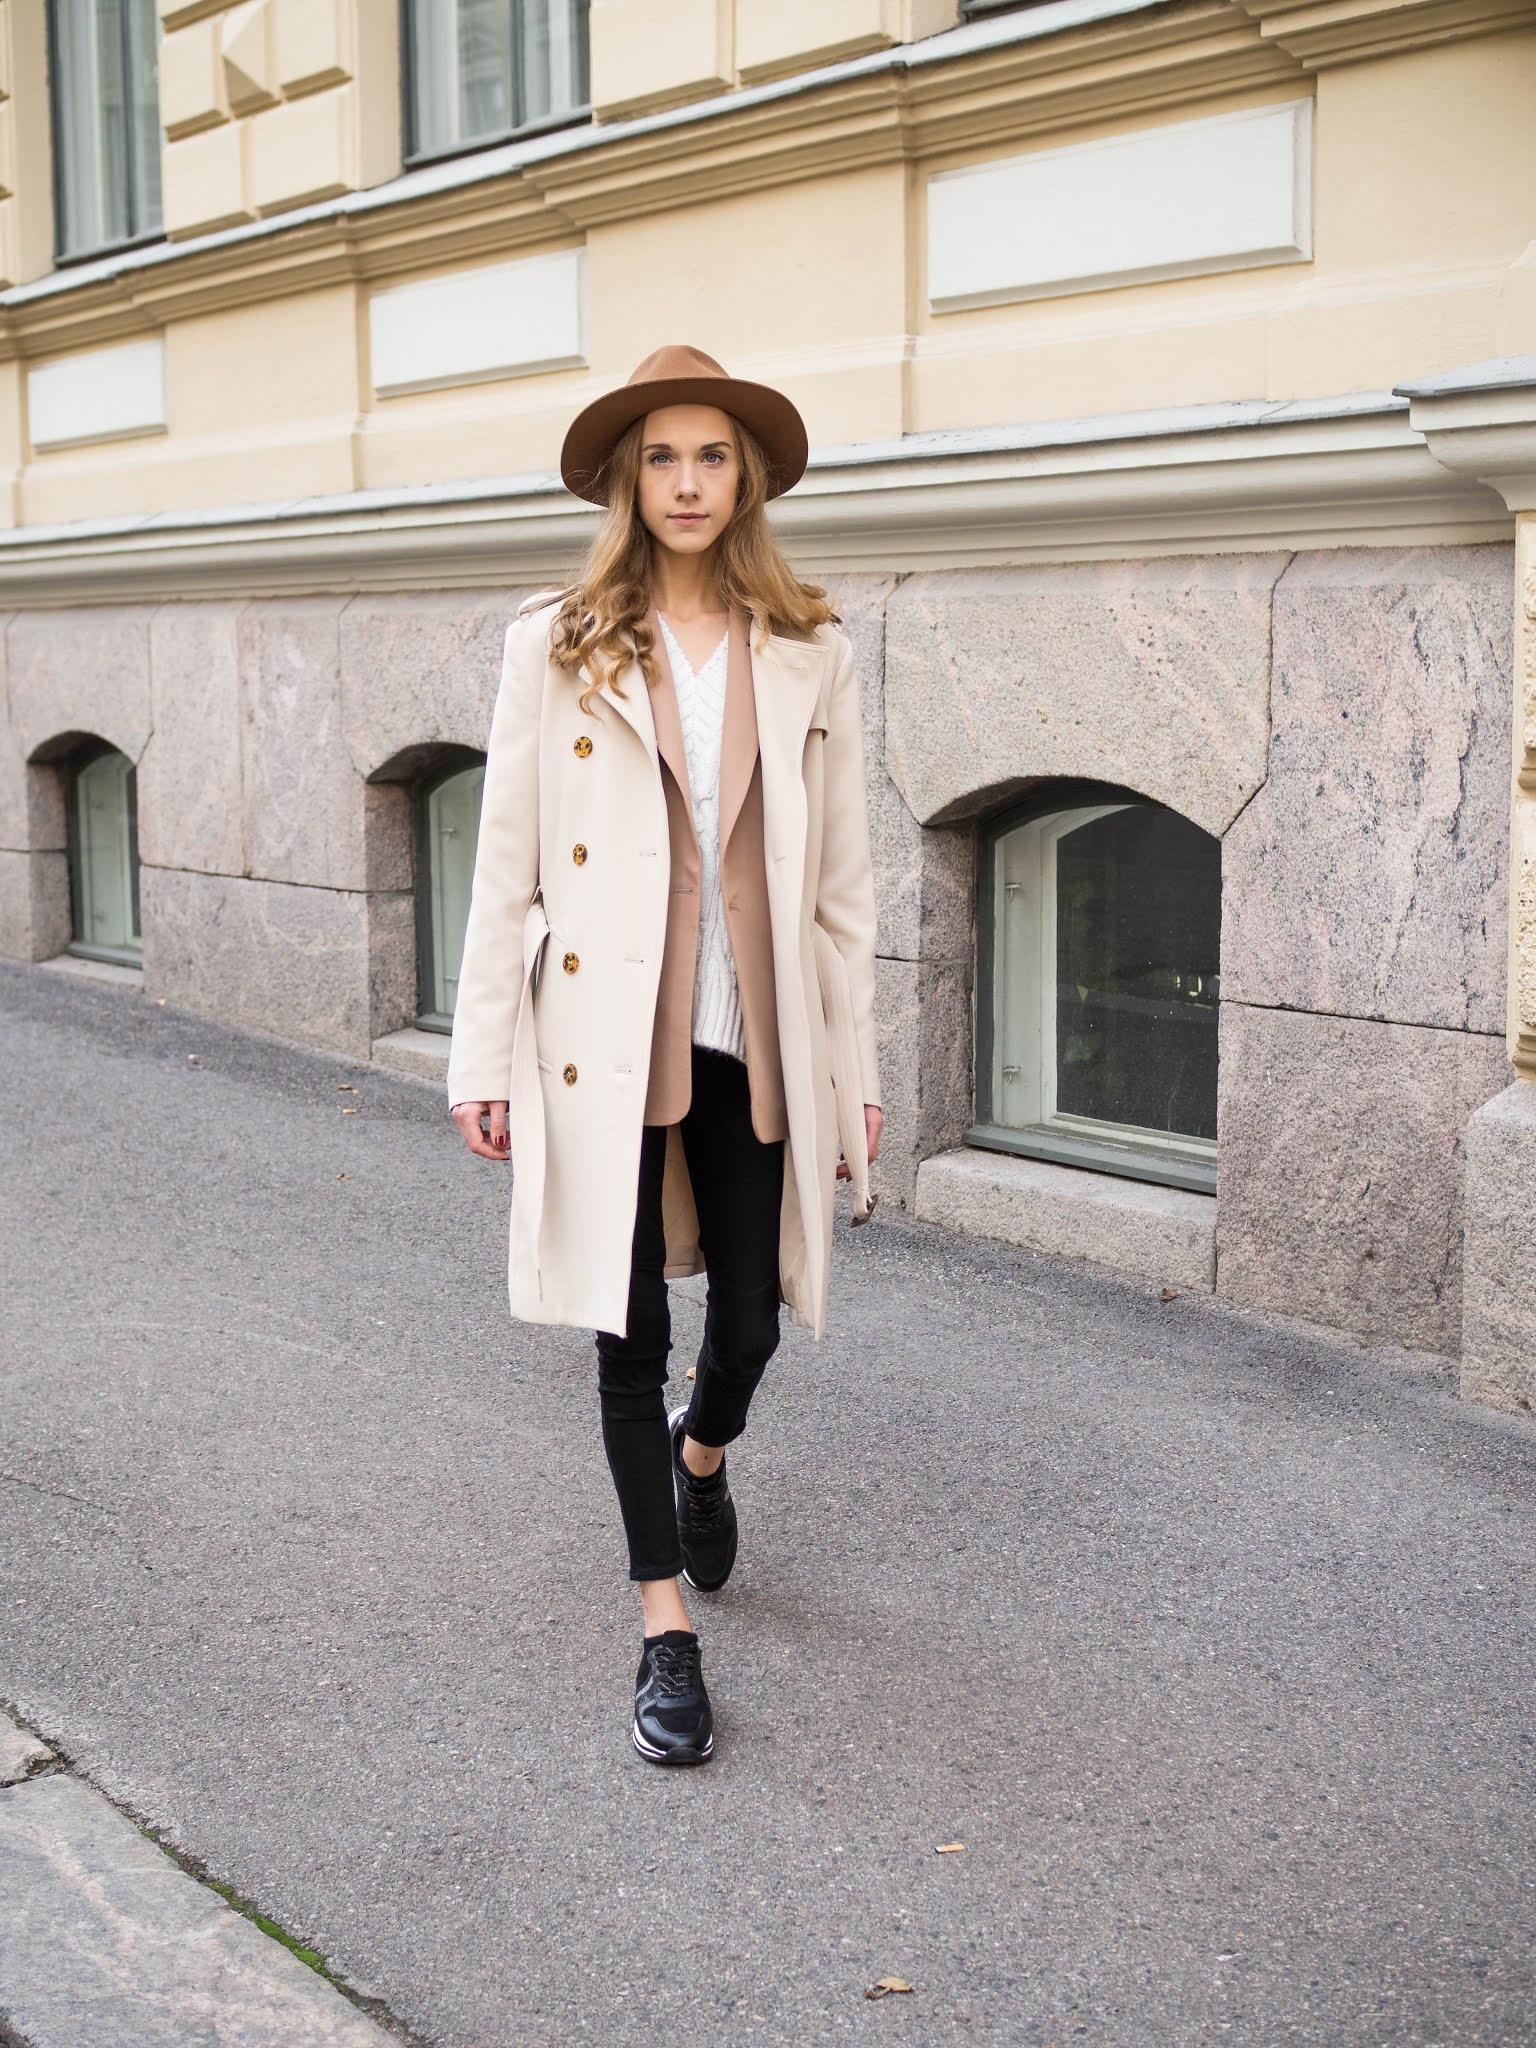 Syypukeutuminen: trenssi, neuleliivi, bleiseri ja hattu - Autumn outfit: trench coat, knitted vest, blazer and hat